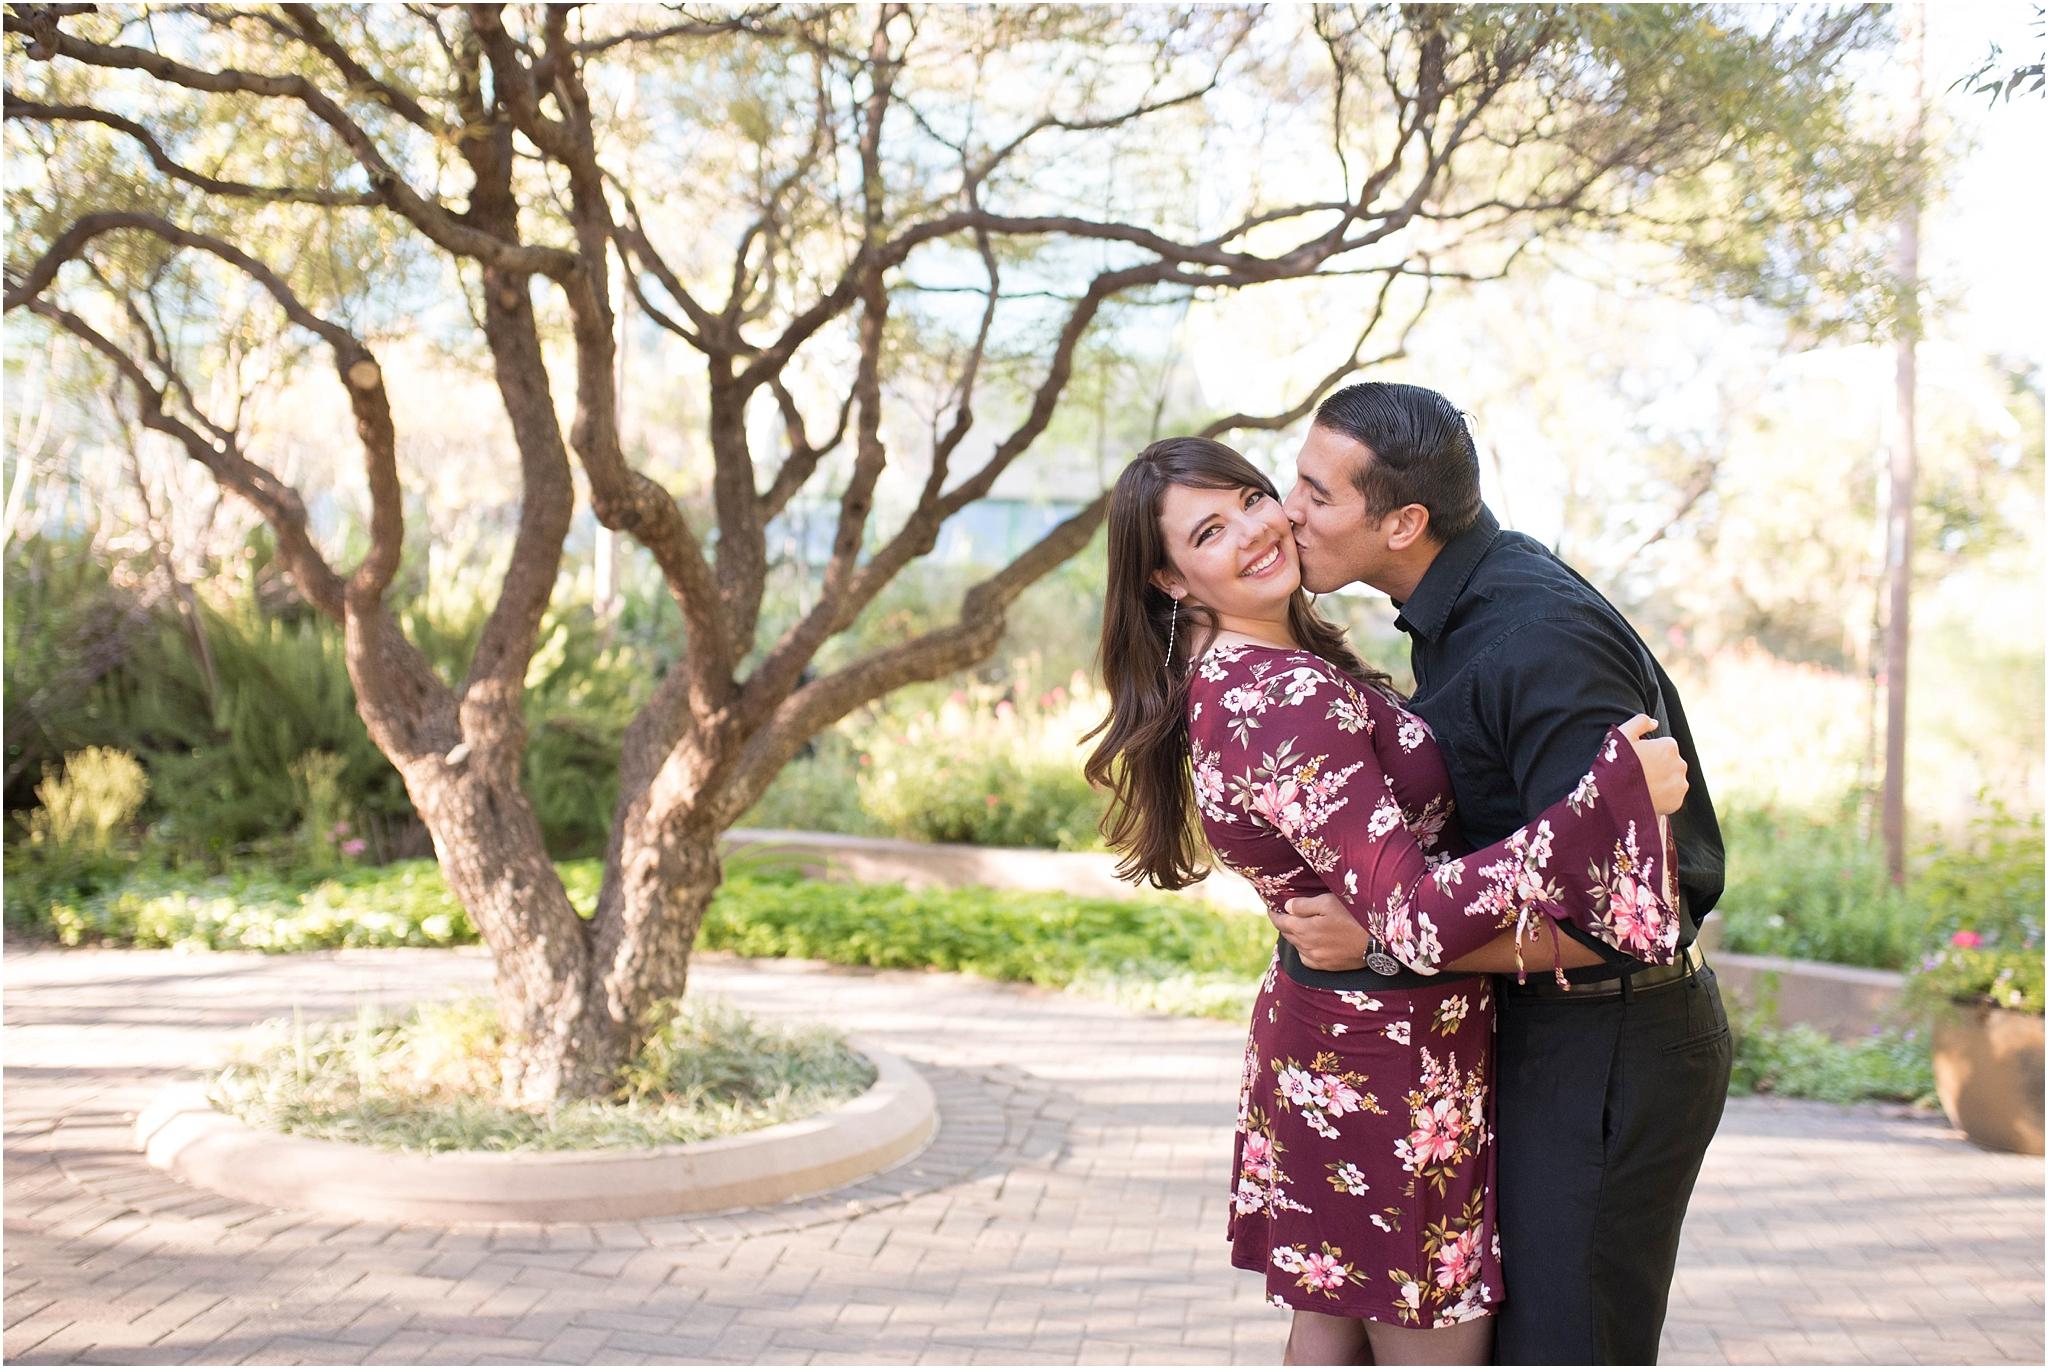 kayla kitts photography - new mexico wedding photographer - albuquerque botanic gardens - hotel albuquerque_0068.jpg